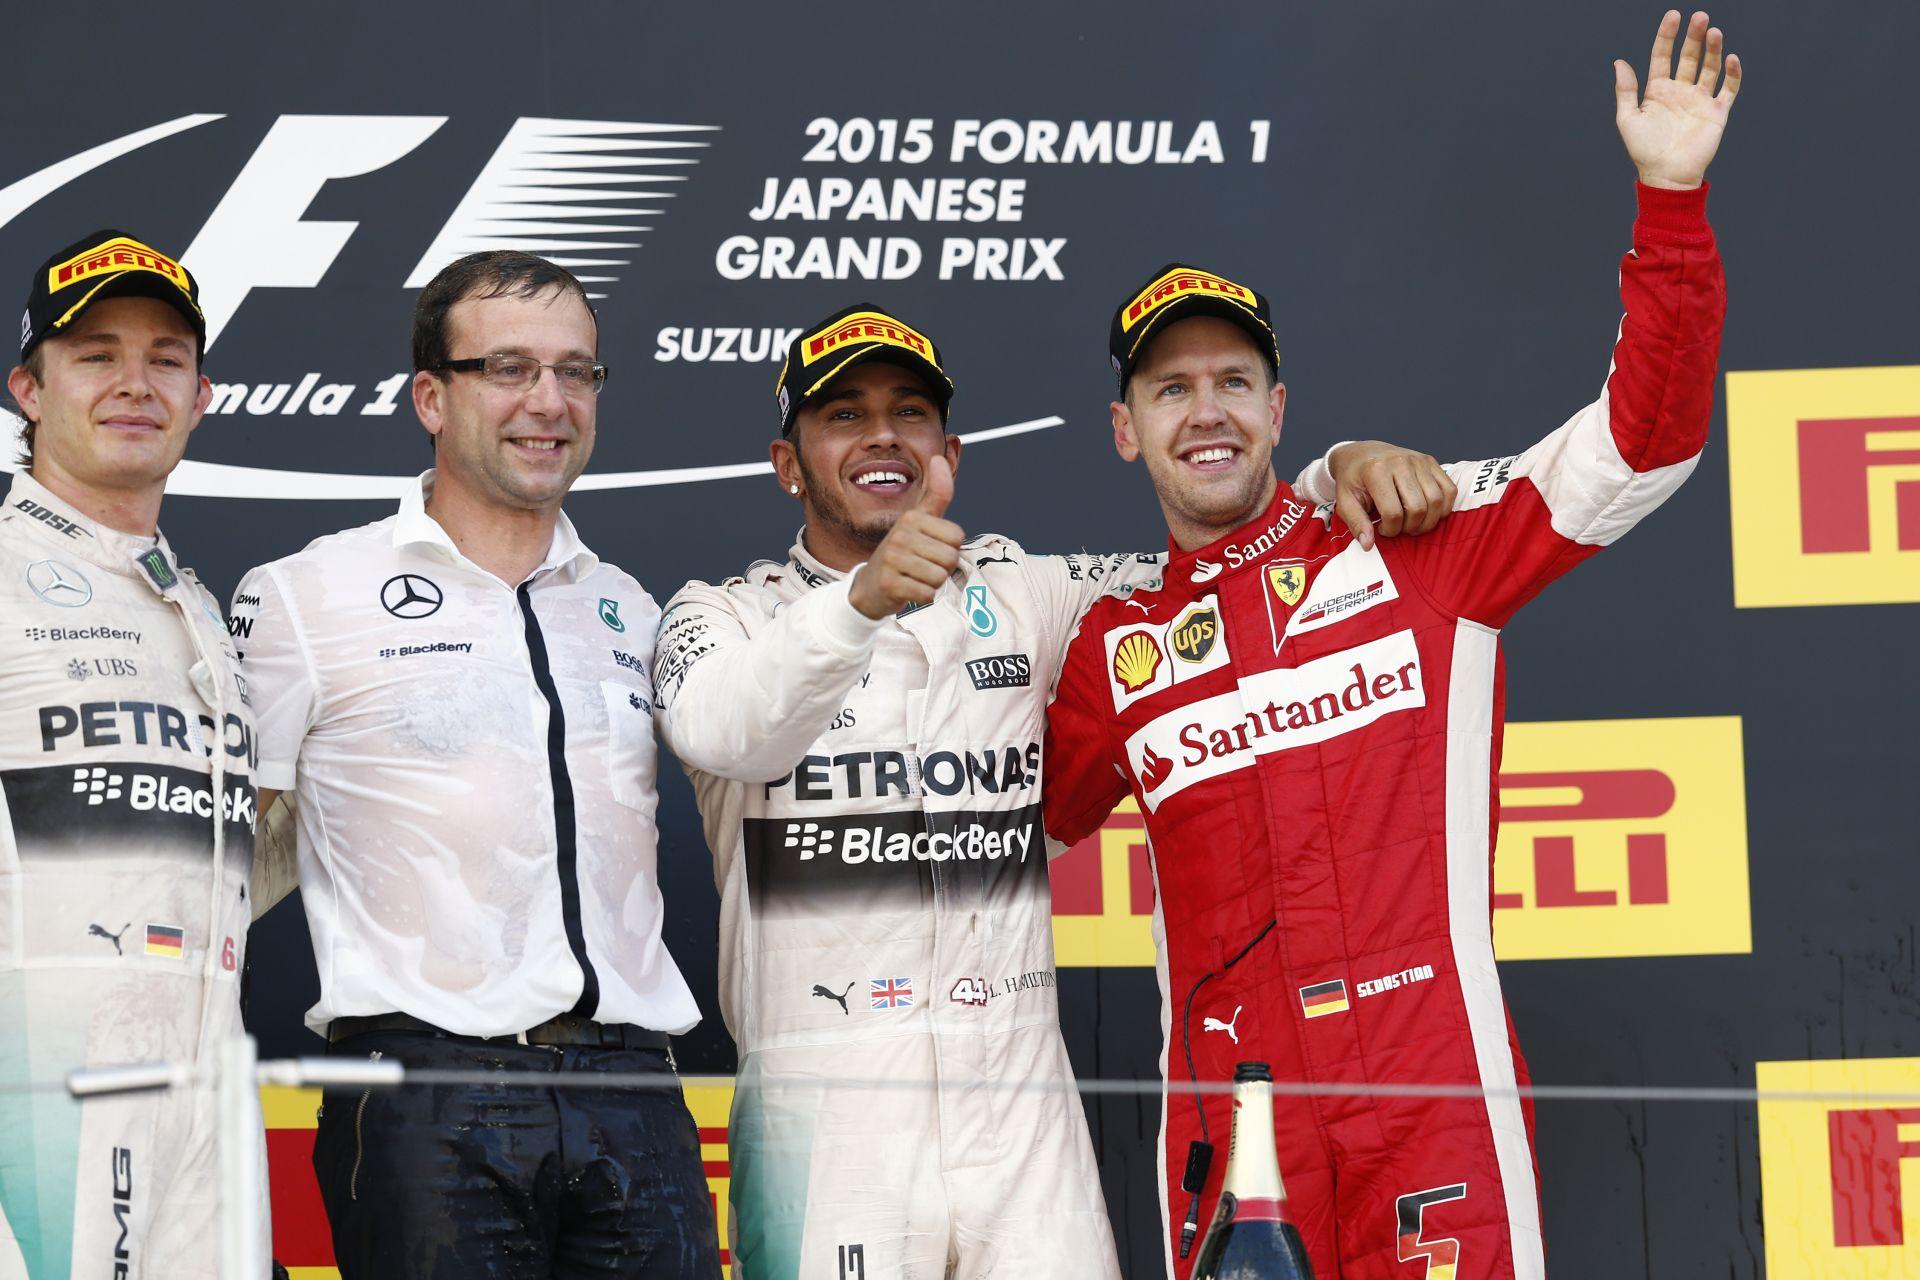 Így tette le Suzukában a kézlenyomatát Vettel, Hamilton és Rosberg: Japán Nagydíj